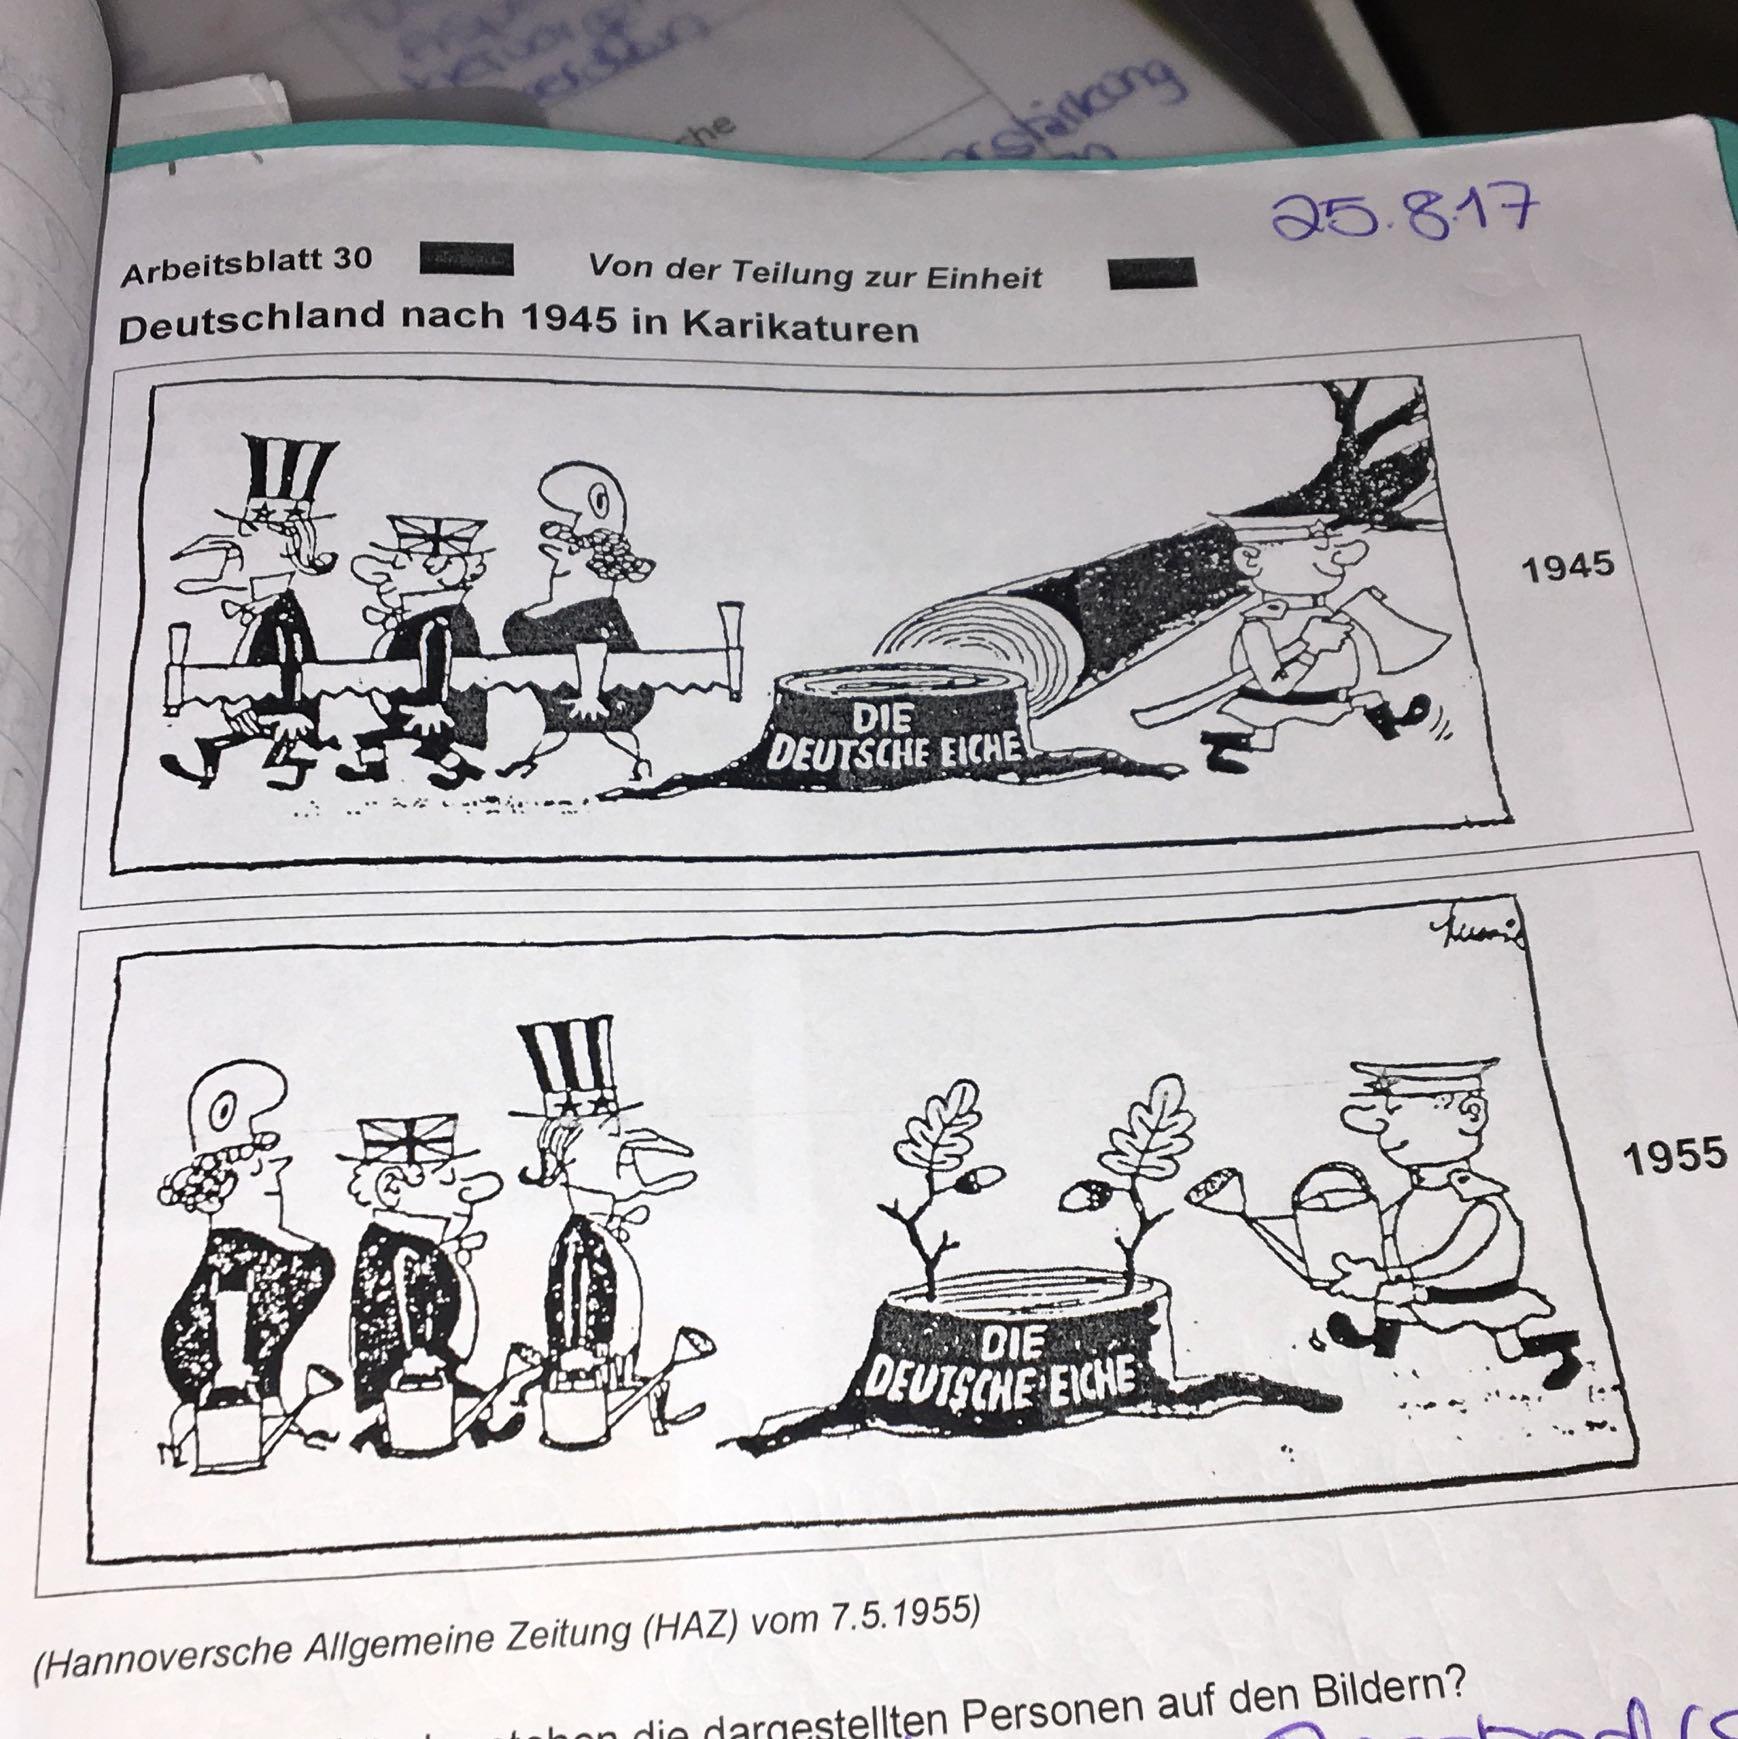 deutschland nach 1945 karikatur beschreiben hilfe geschichte. Black Bedroom Furniture Sets. Home Design Ideas